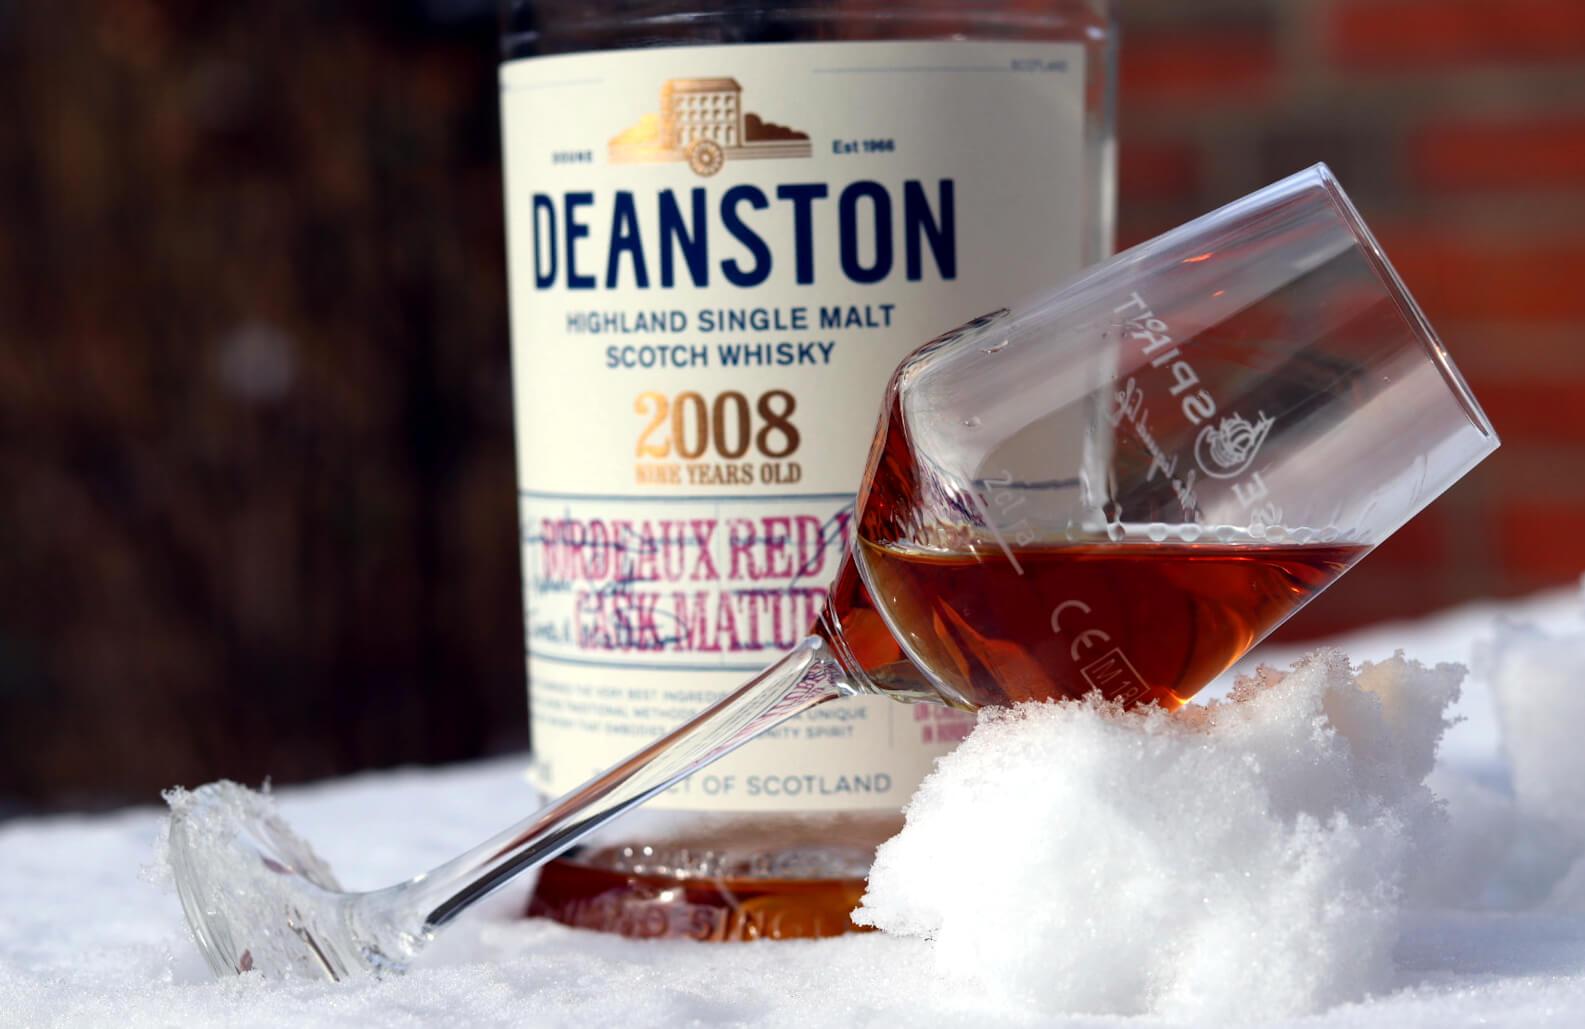 Whisky Review #192: Deanston 2008 - Bordeaux Cask Matured